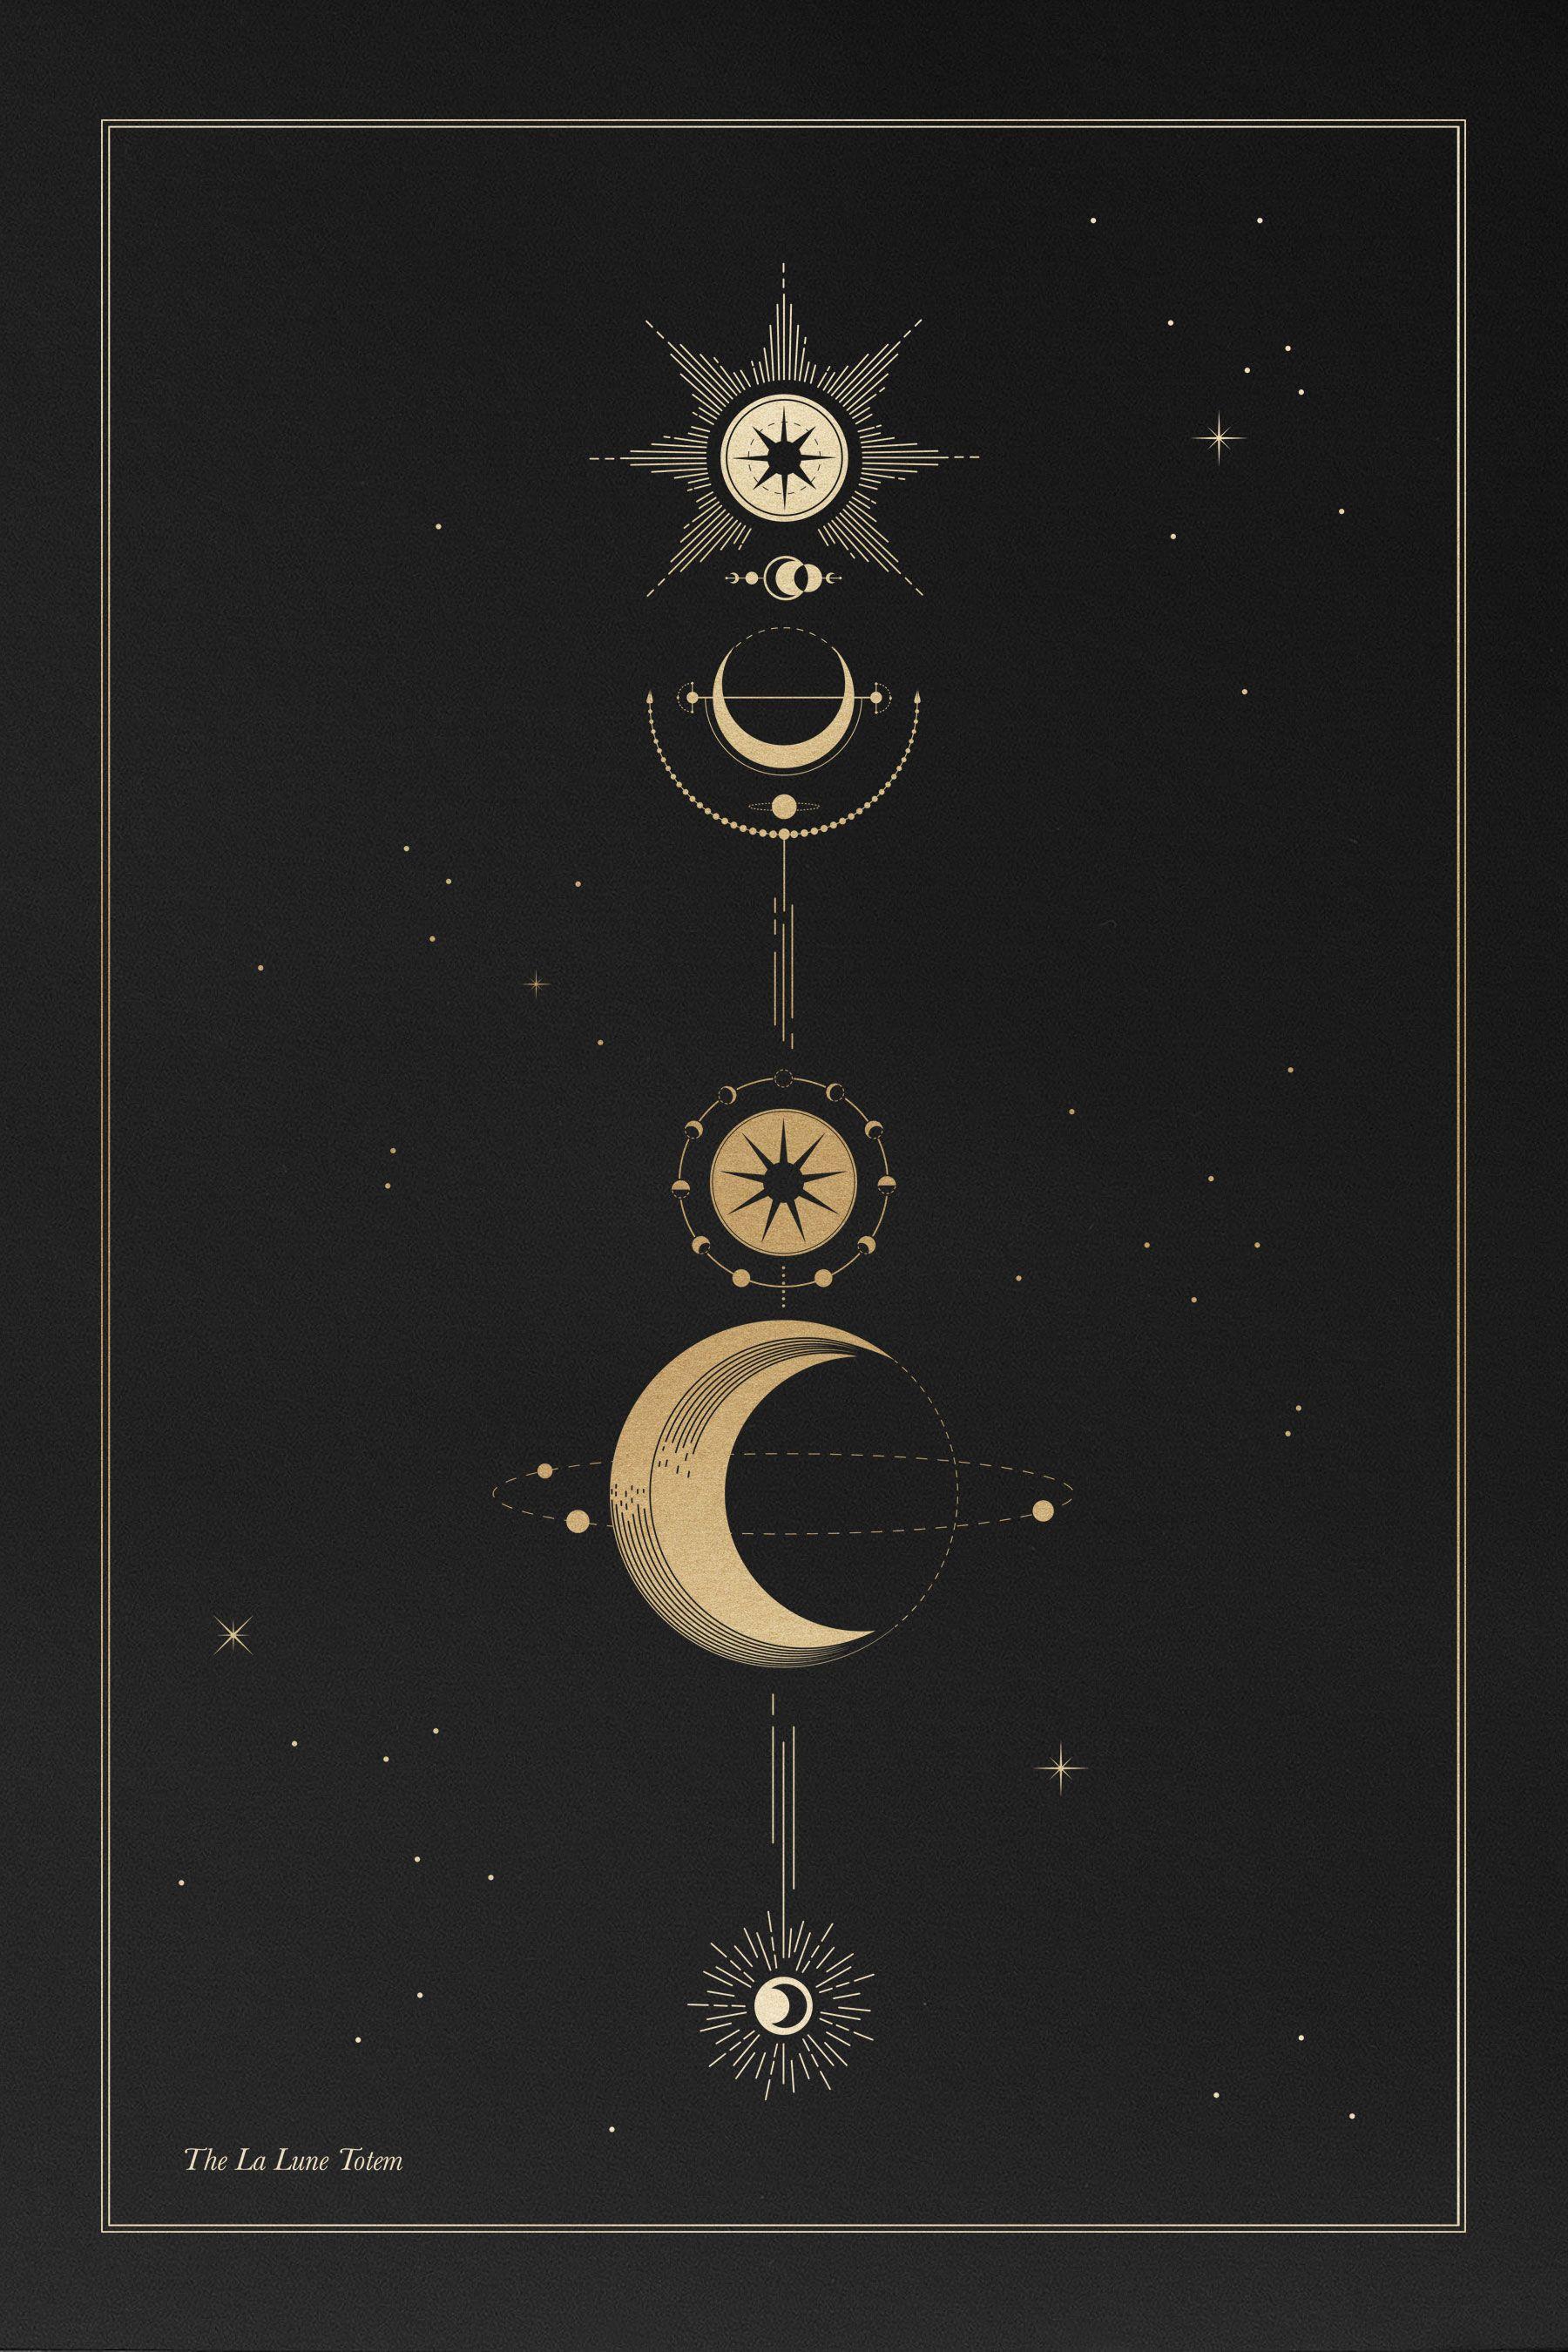 The La Lune Totem – Cocorrina | Geometric Tatto, Idées De intérieur Au Clair De La Lune Text